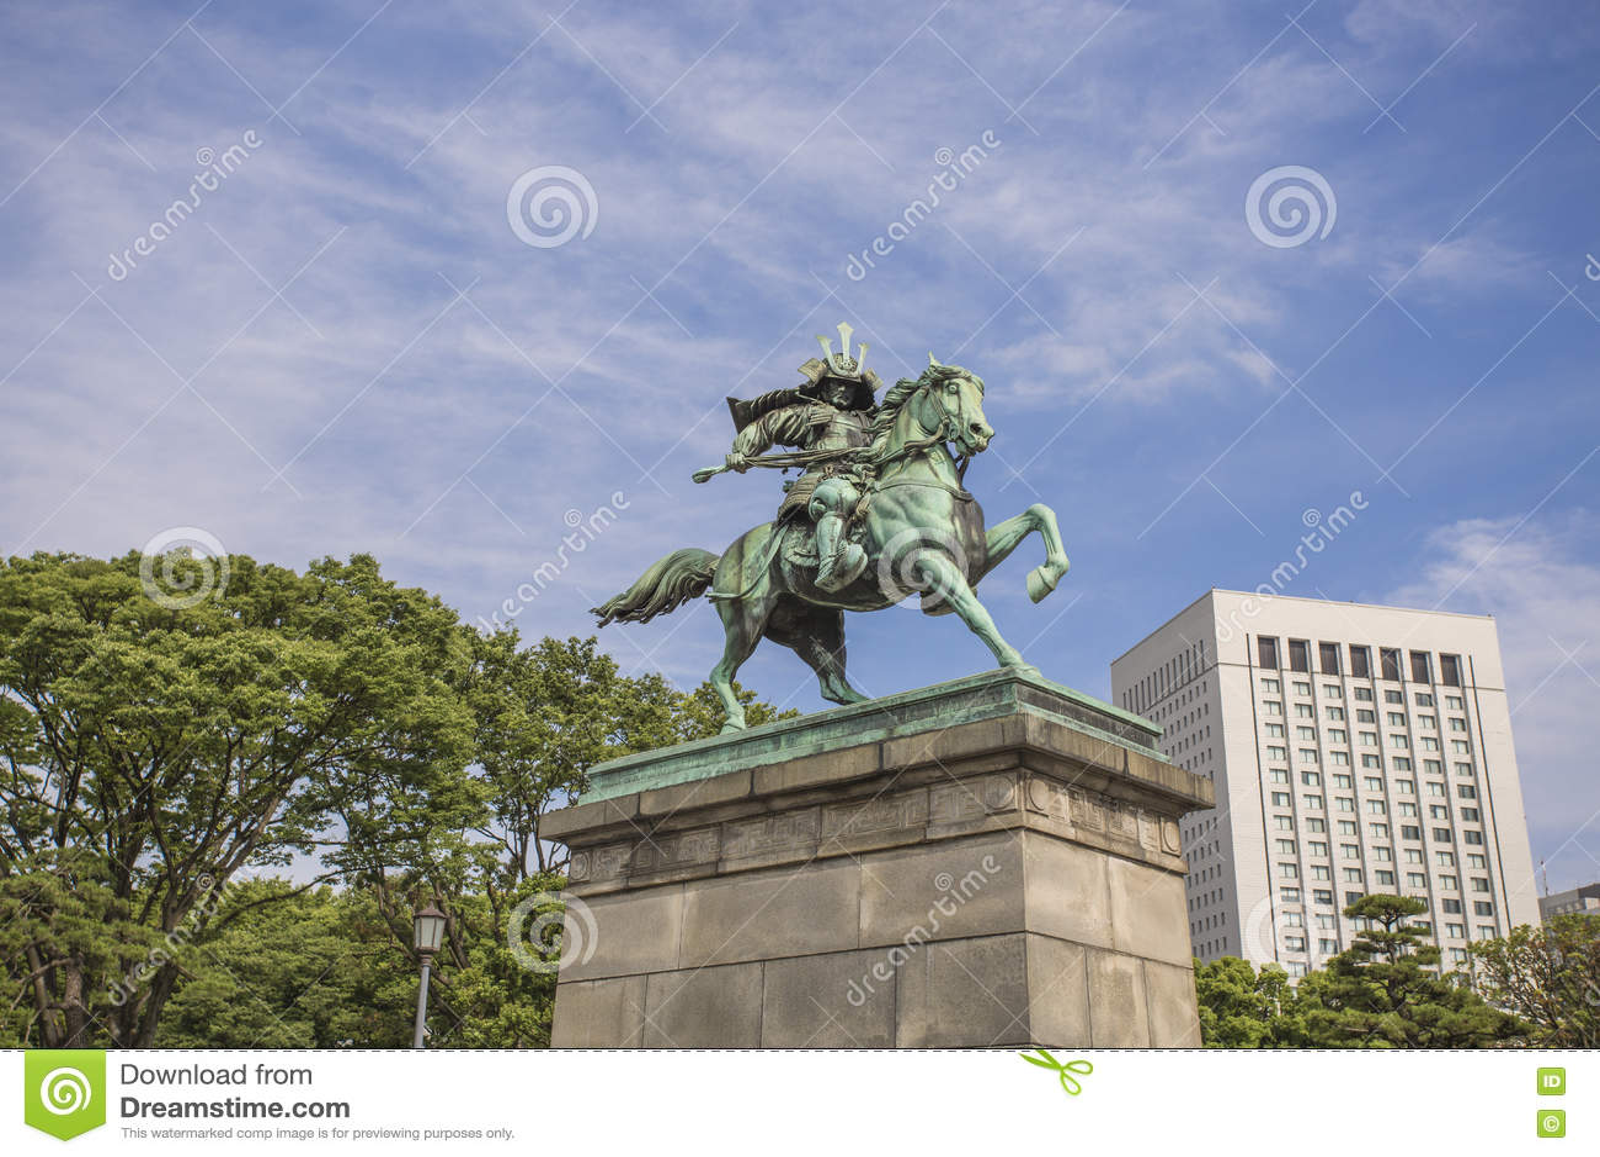 Statue der großen Samurais Kusunoki Masashige im Ost-Garde